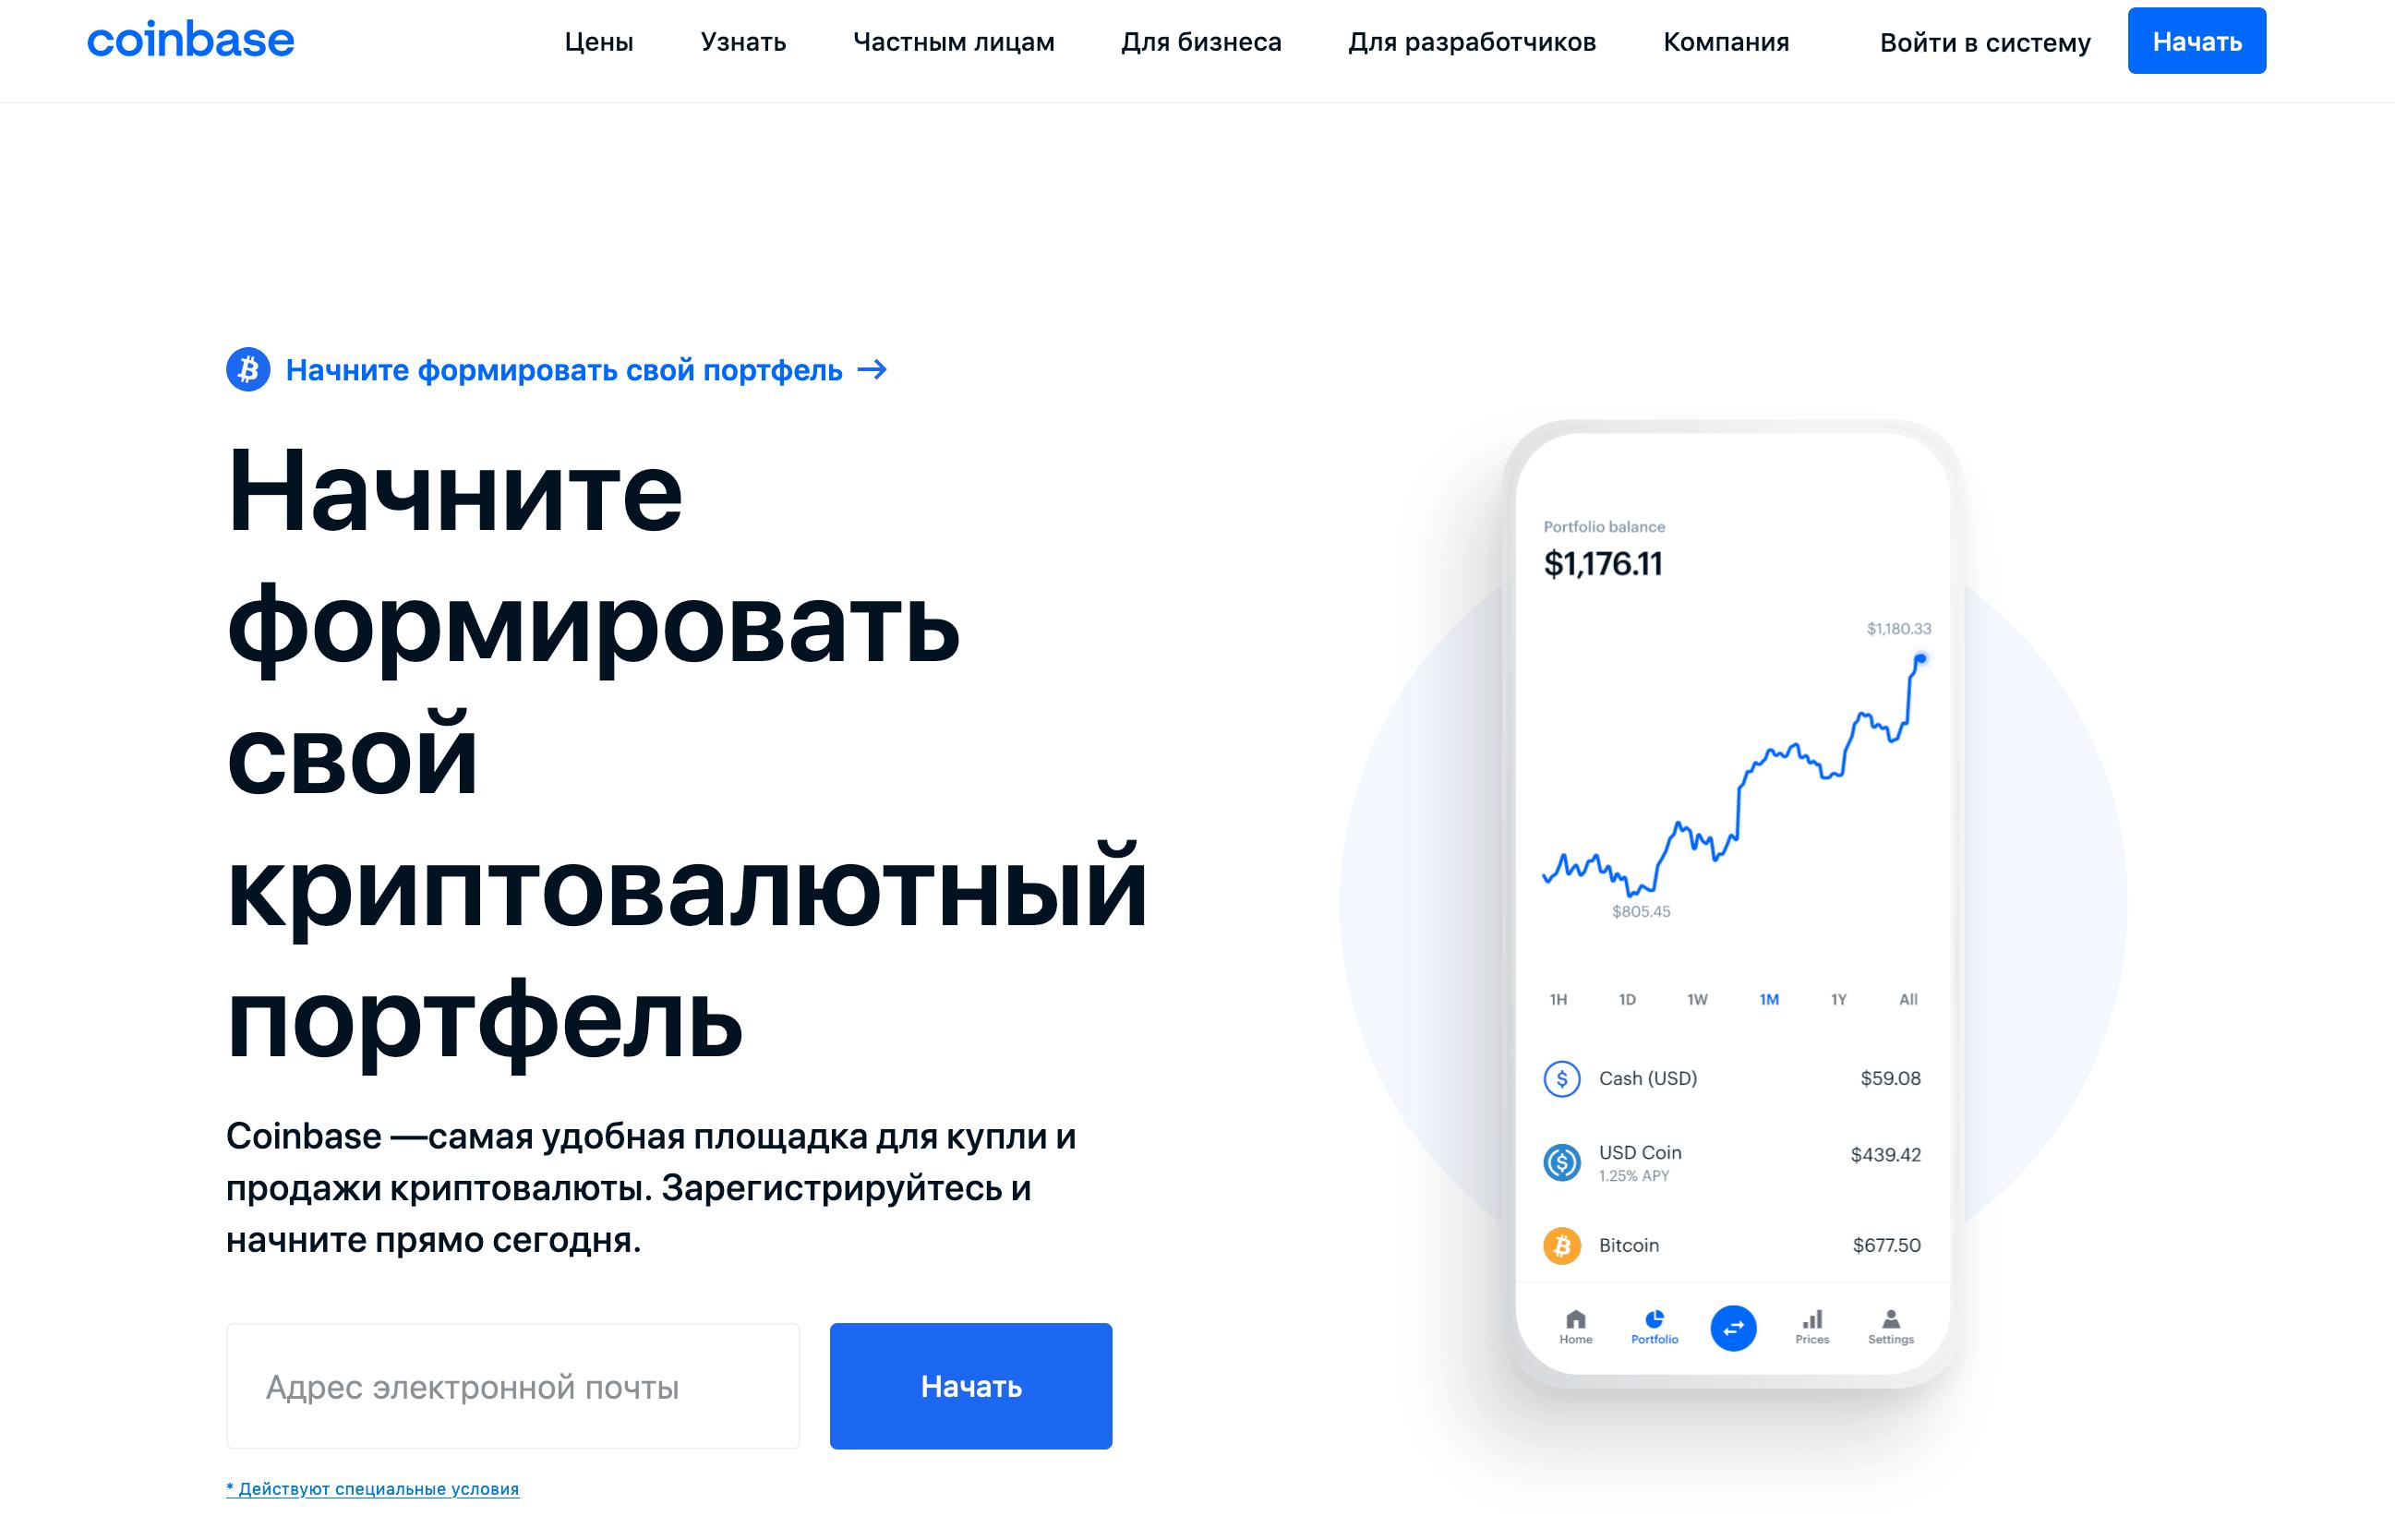 Что такое Coinbase?